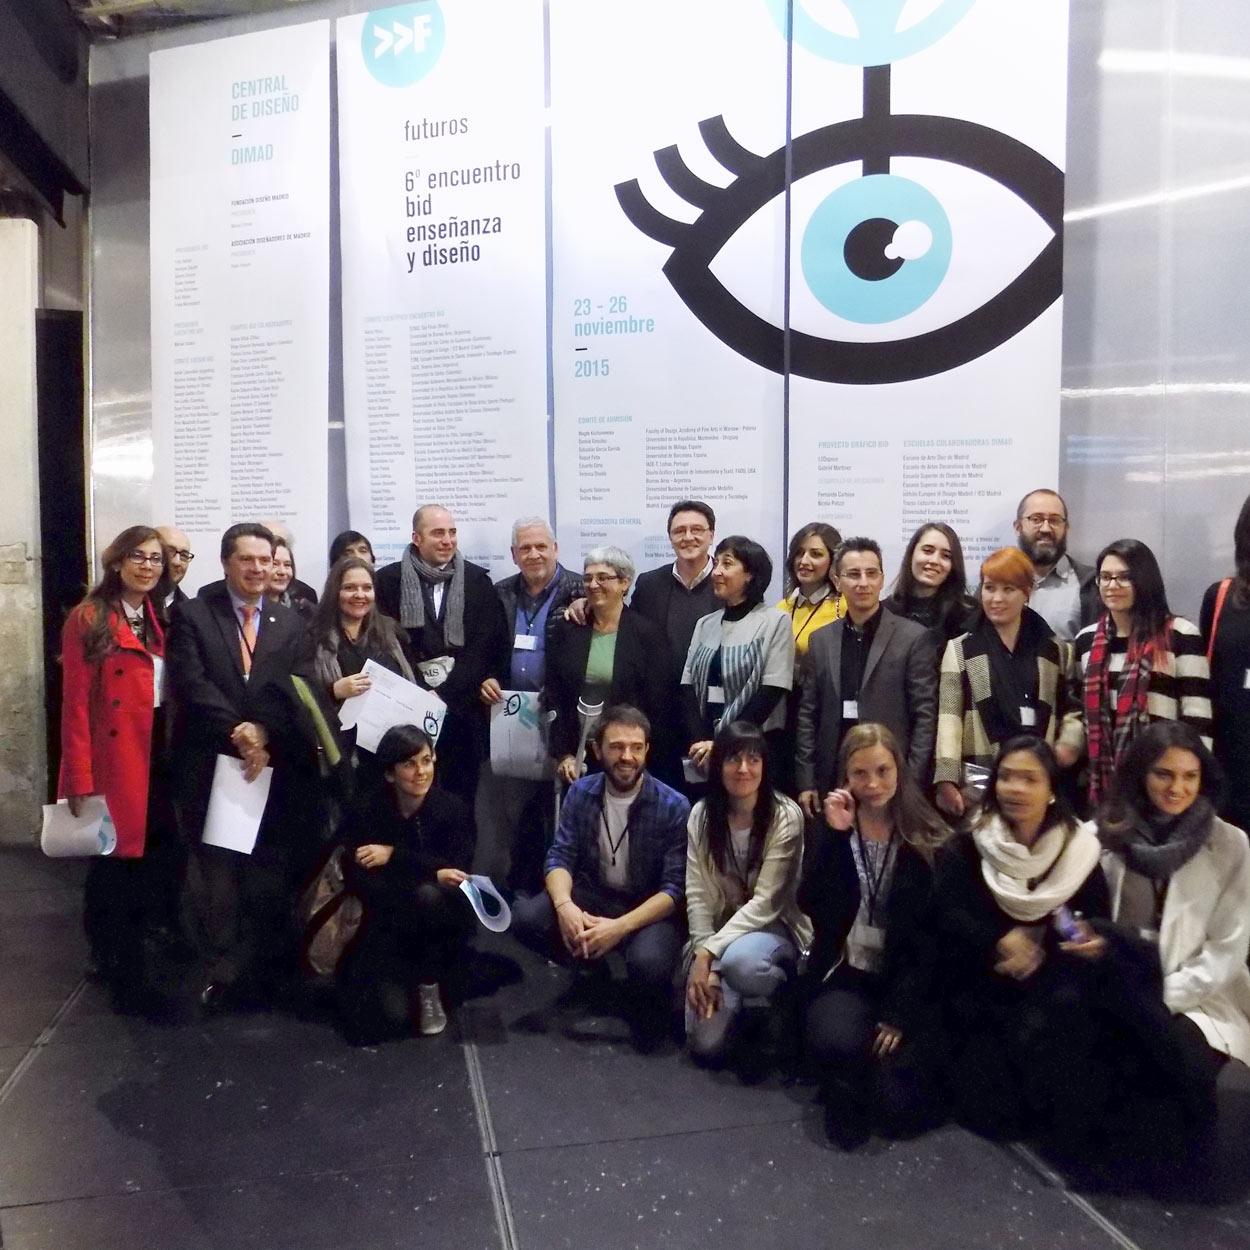 6º Encuentro BID de enseñanza y diseño